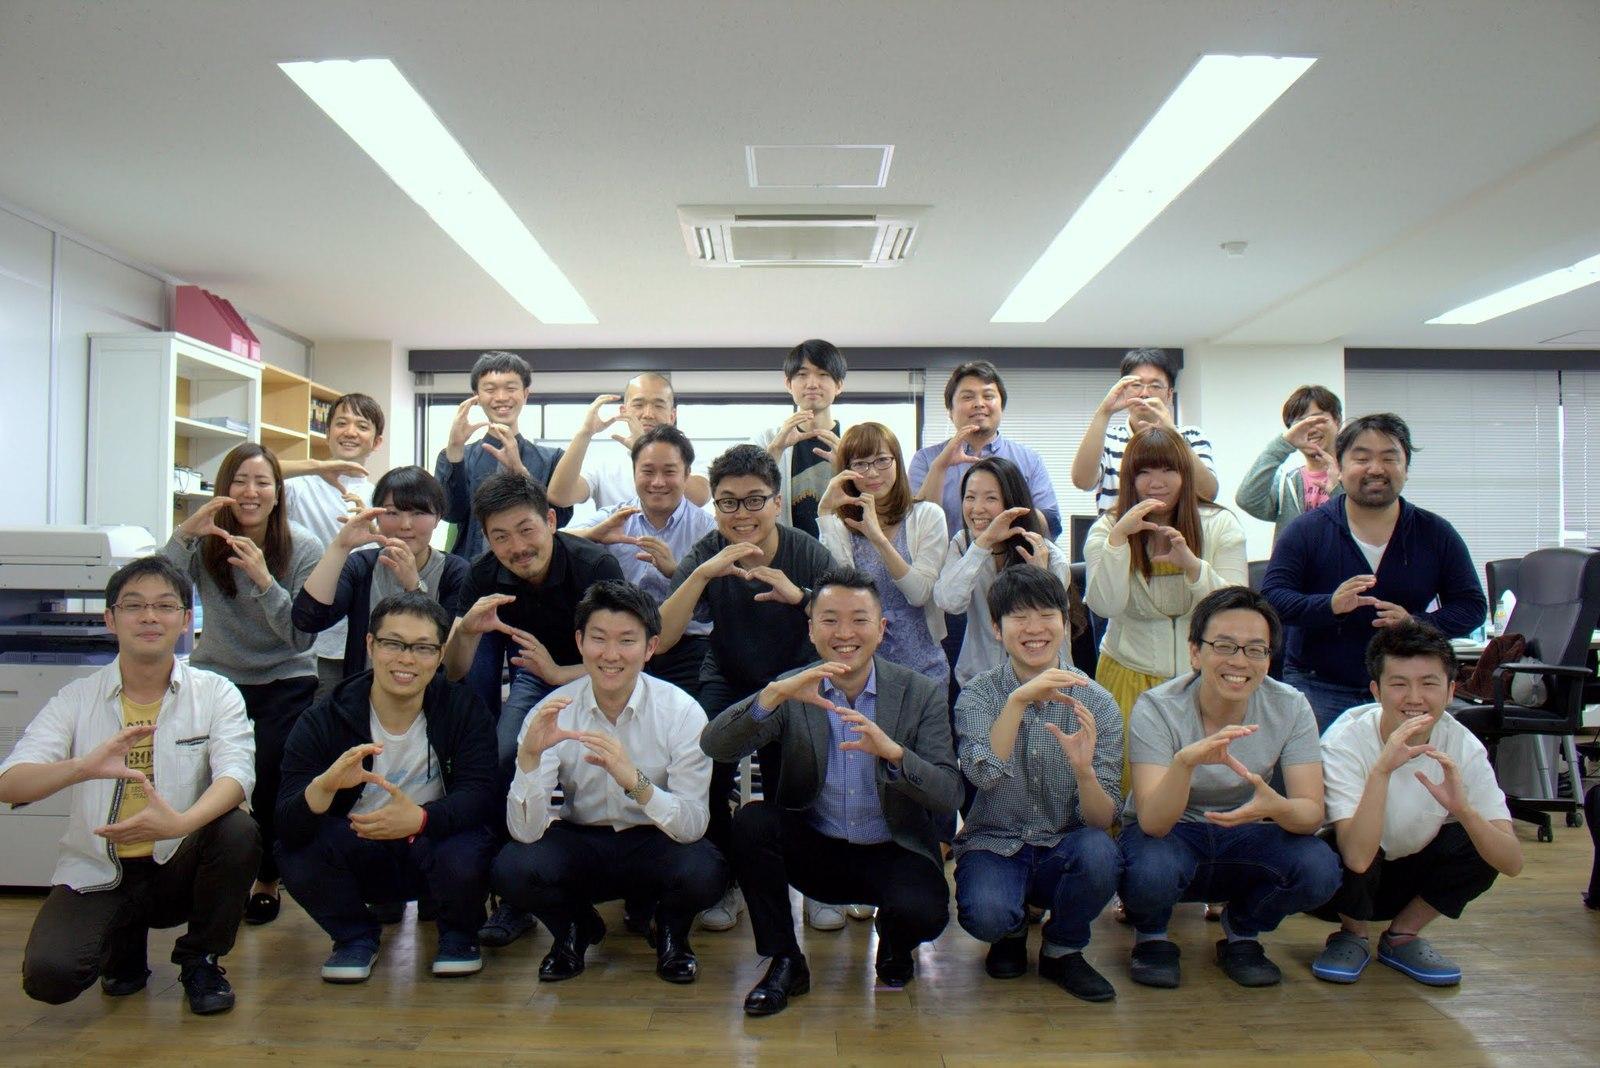 【ITx教育】社会に必要とされるサービスをつくる!日本一の学習プラットフォーム「Studyplus」のAndroidエンジニアを募集!